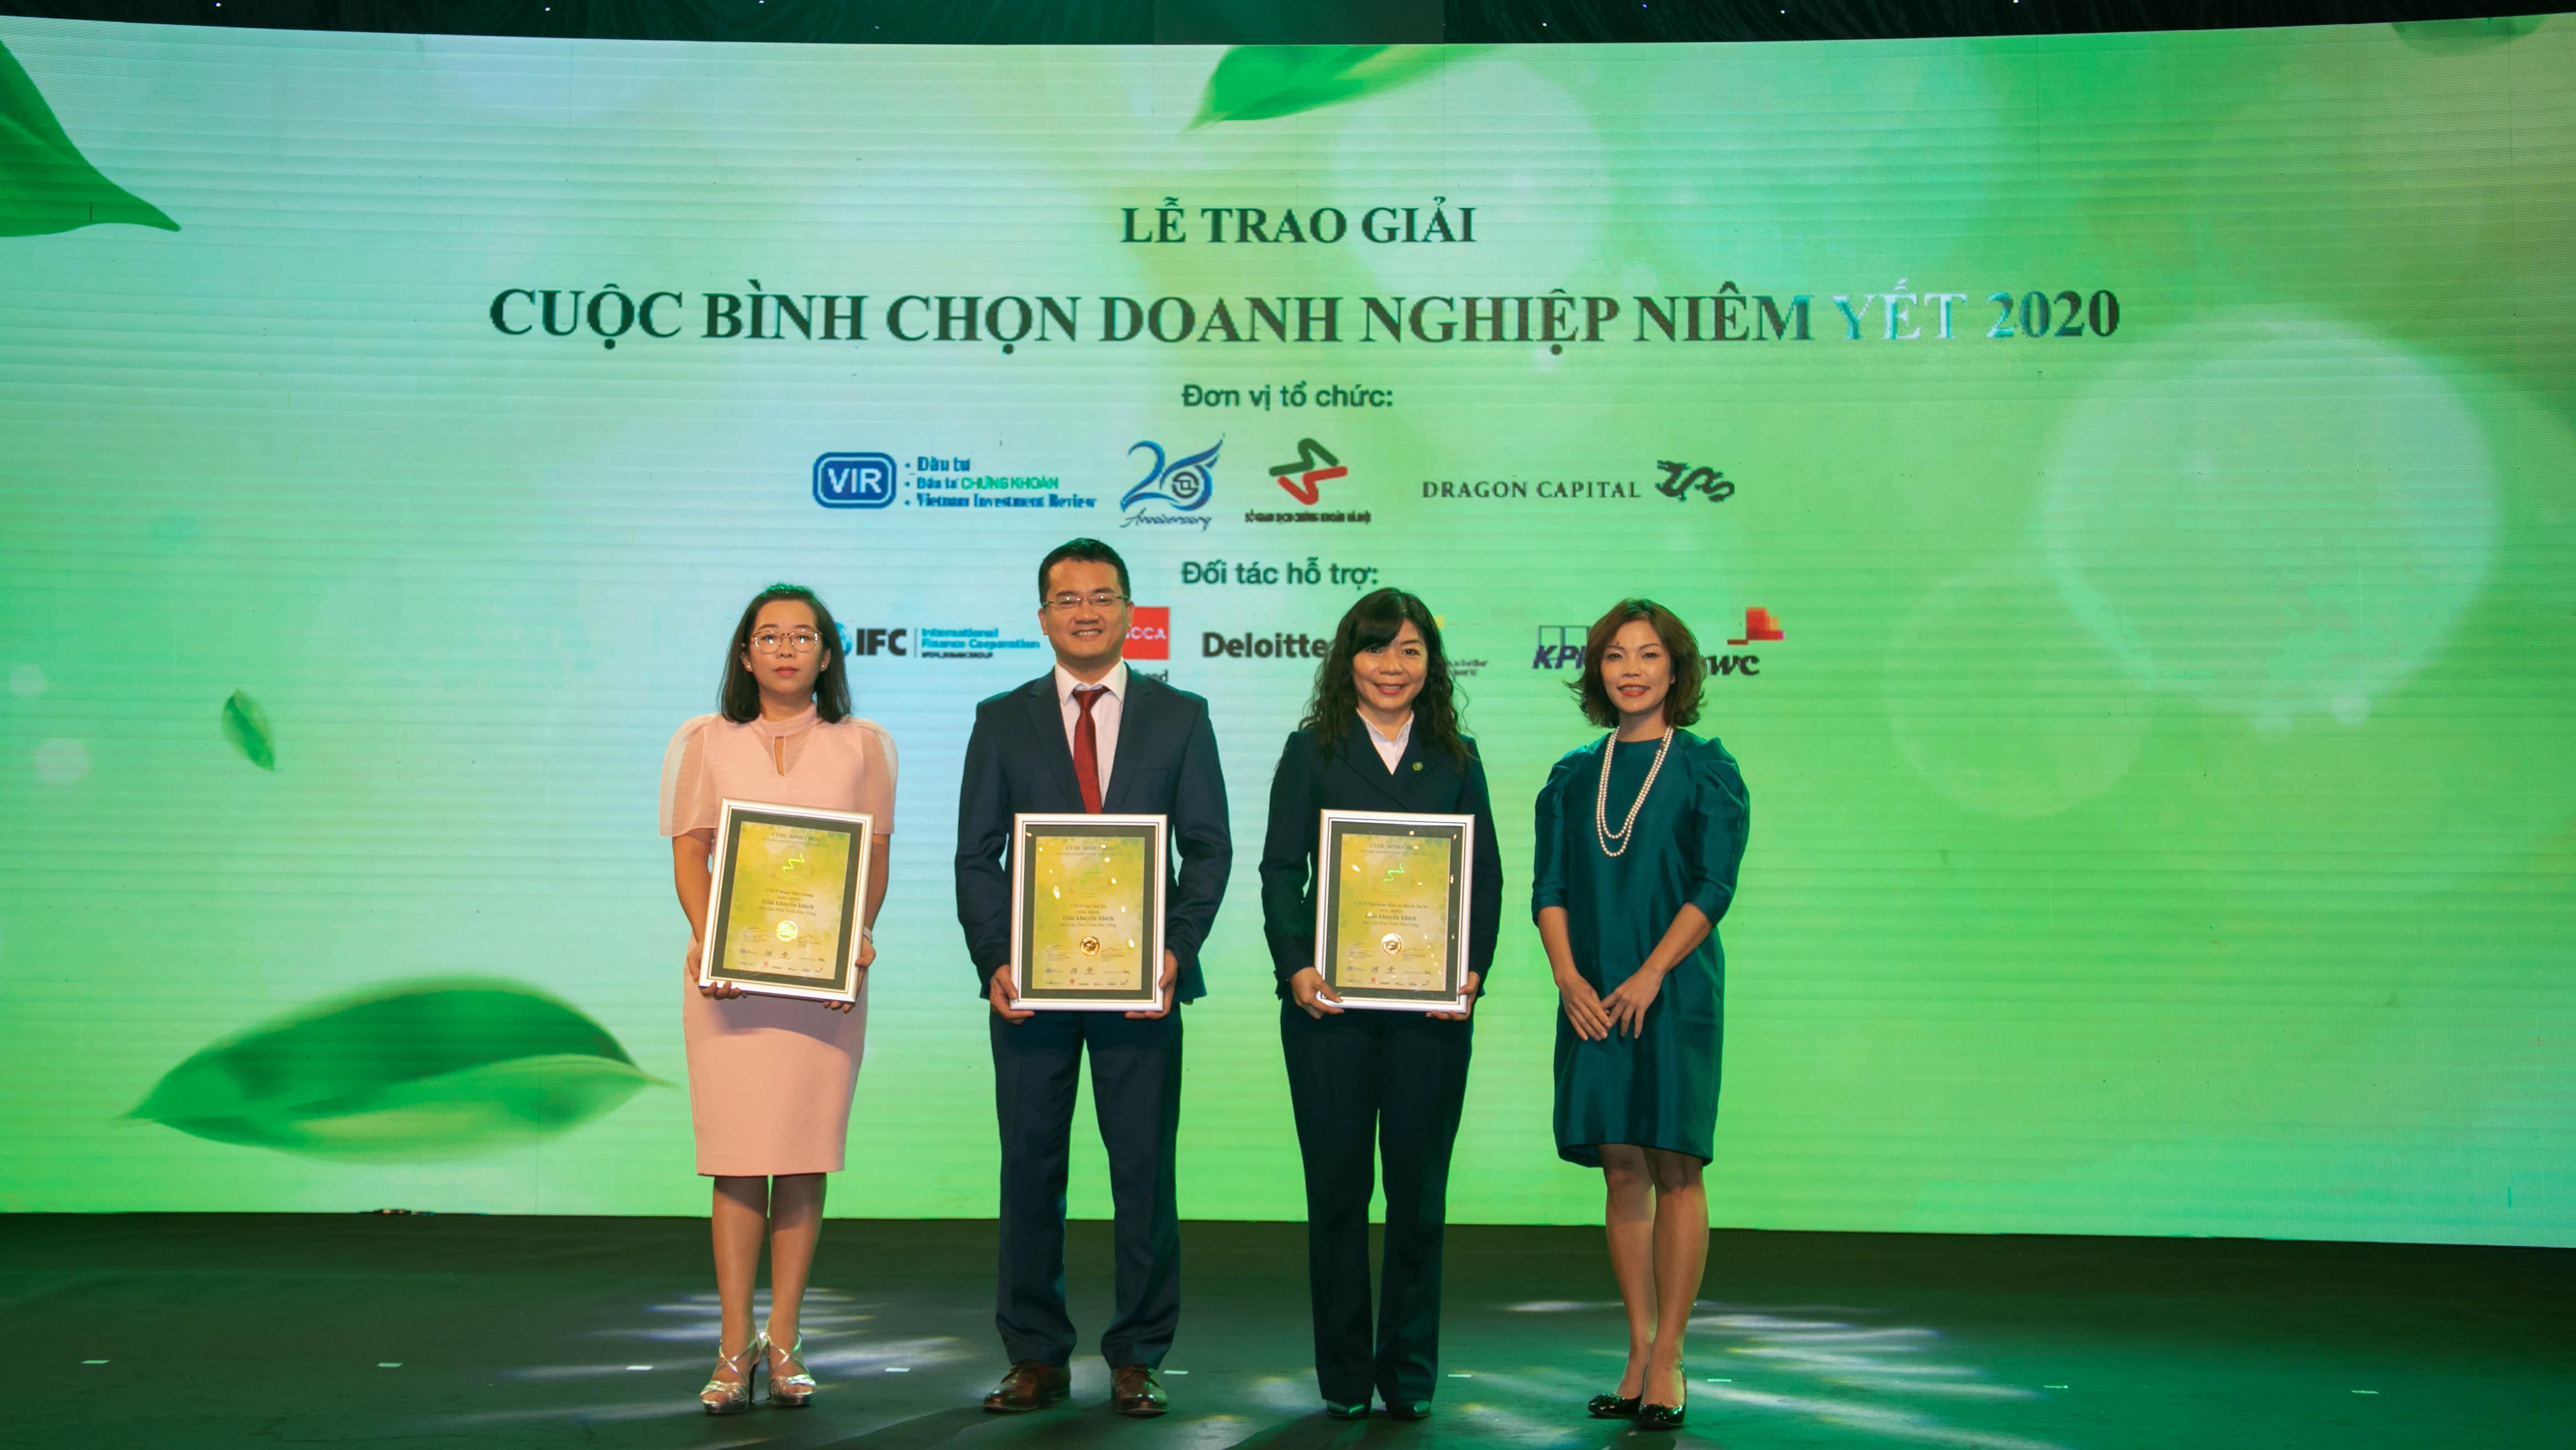 https://www.aravietnam.vn/wp-content/uploads/2020/12/IMG_8810.jpg